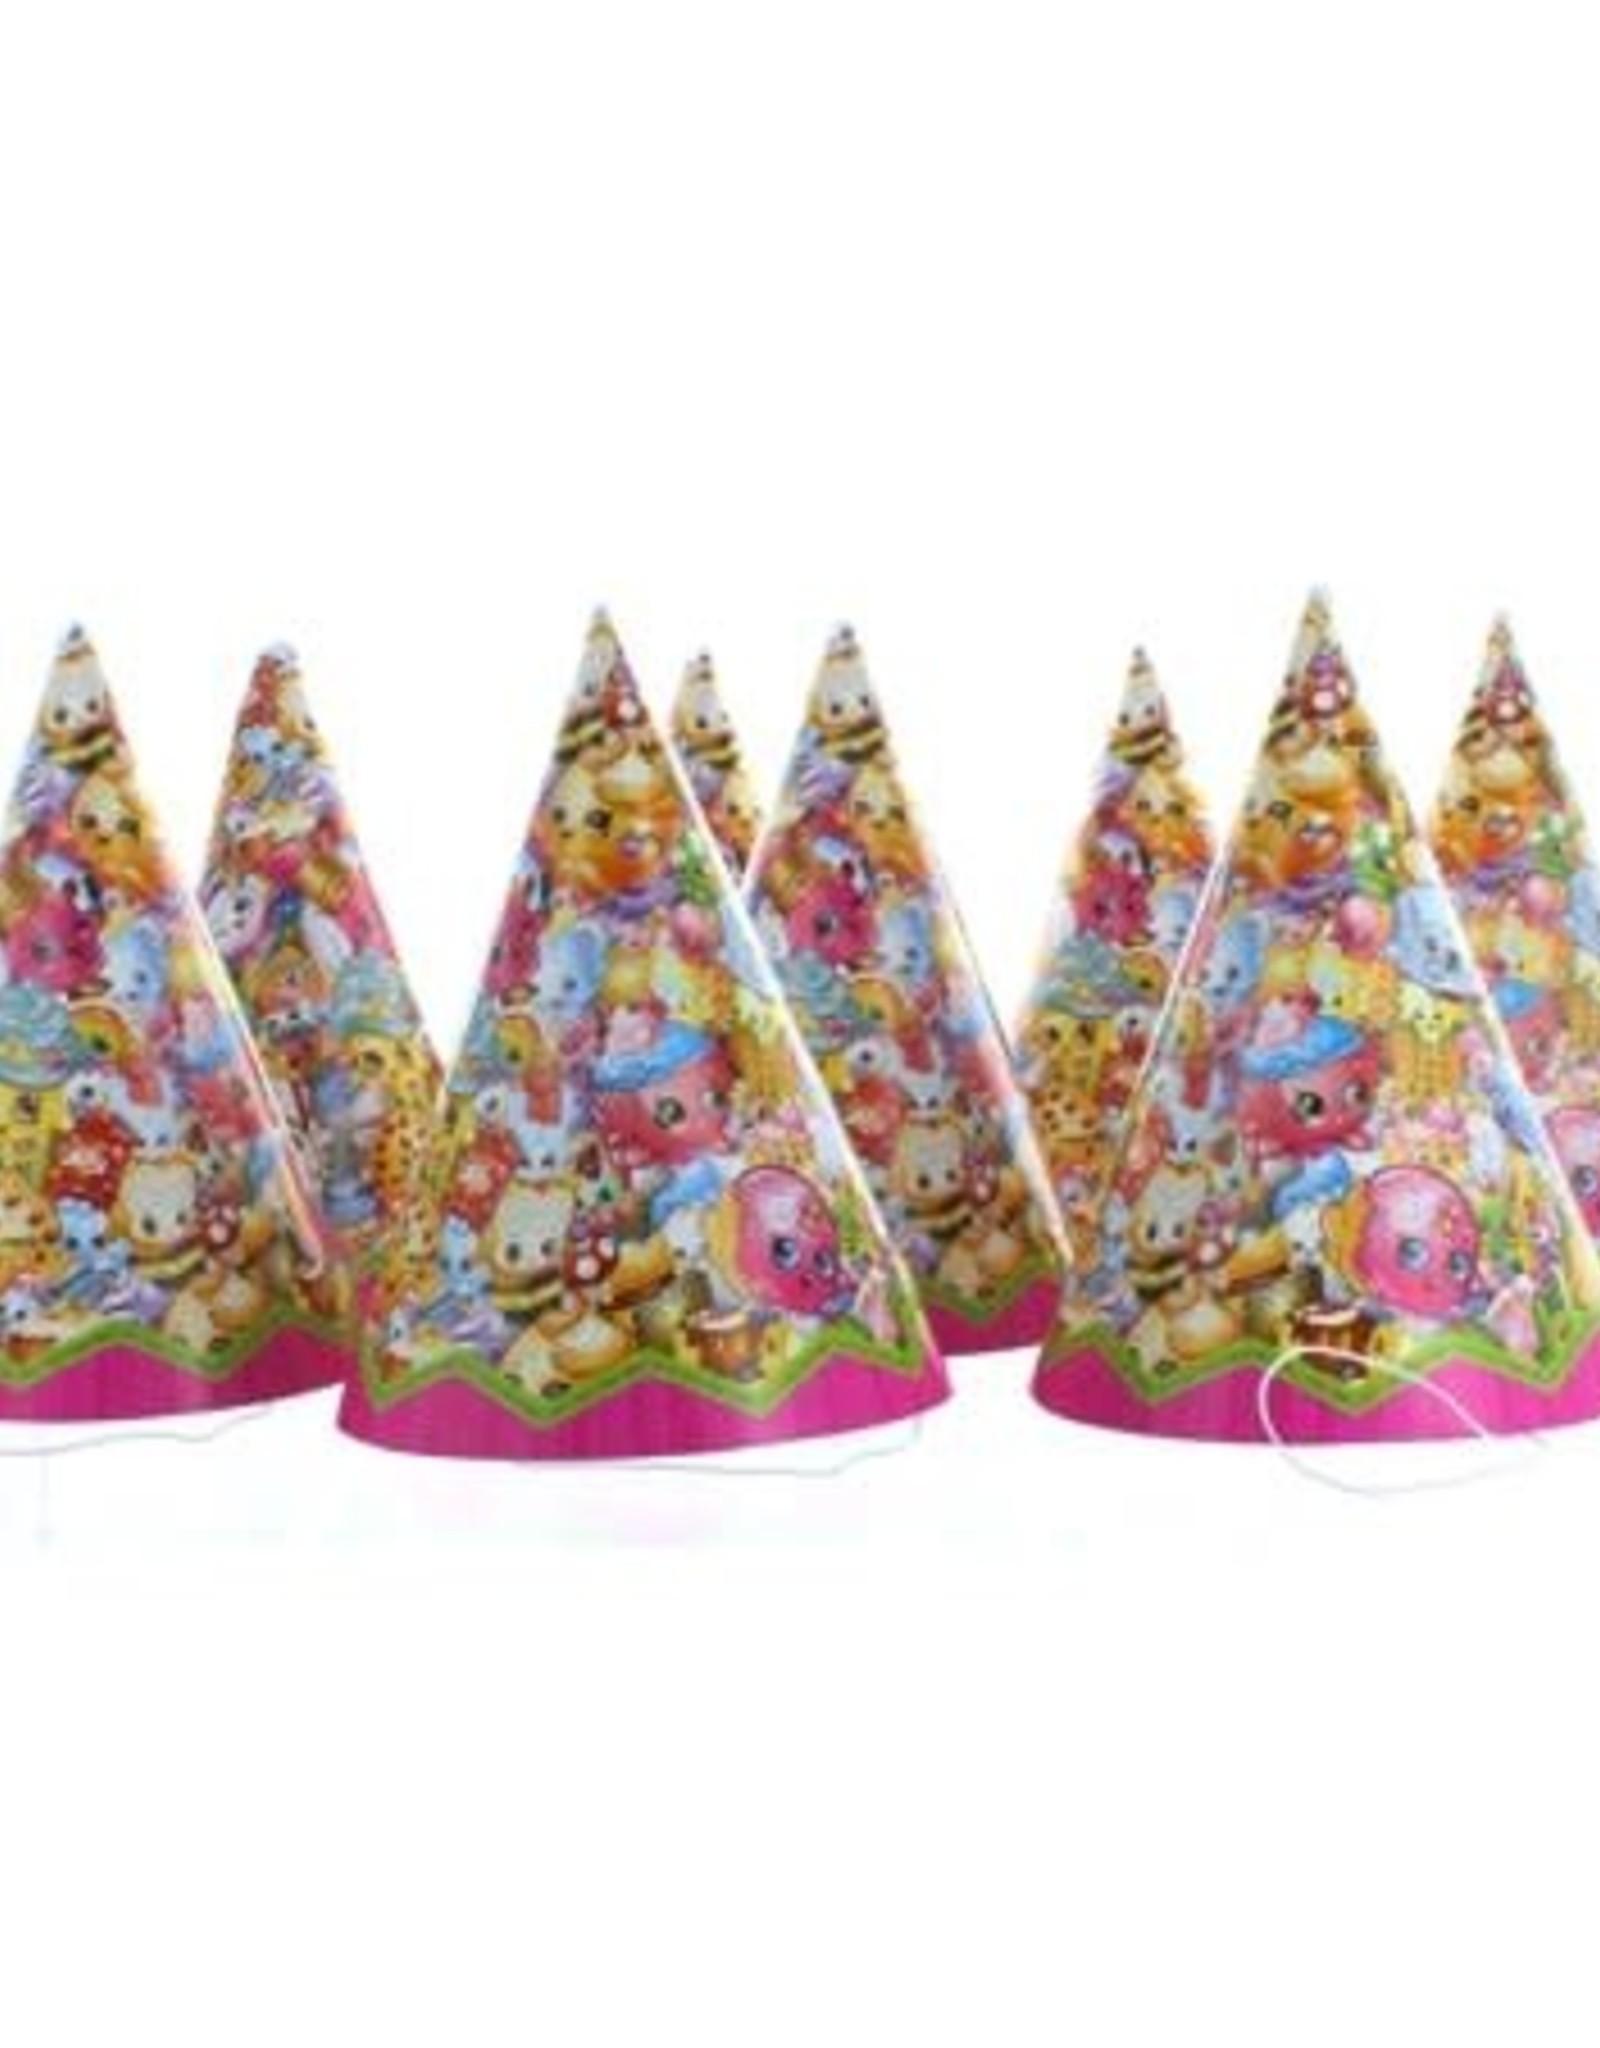 Unique Shopkins Party Hats 8 count